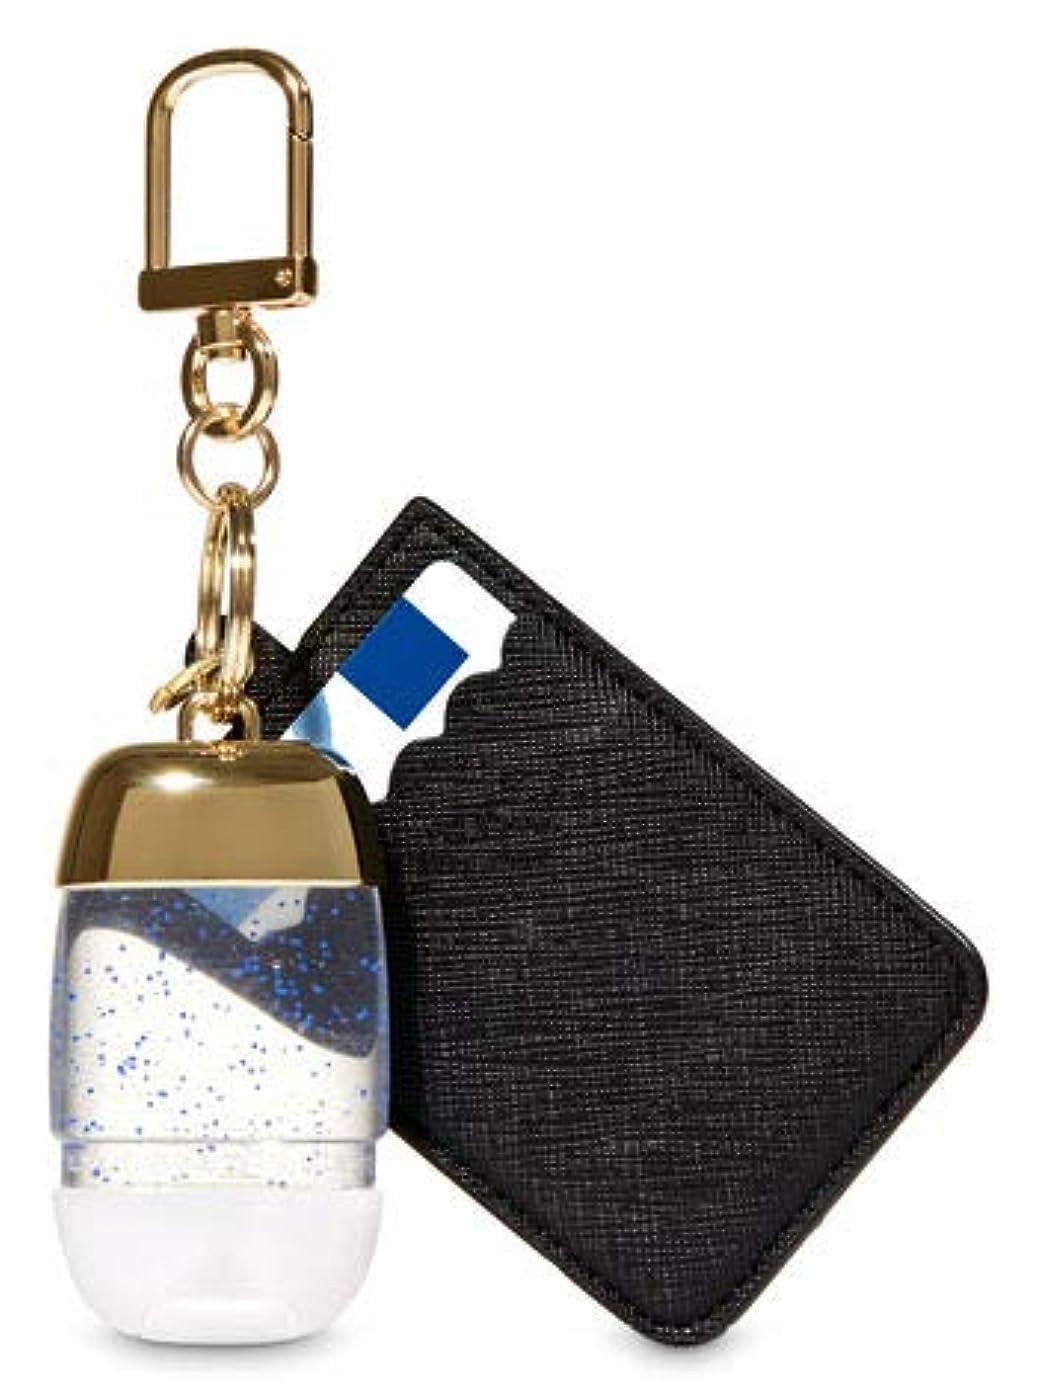 ブレイズ堀アスレチック【Bath&Body Works/バス&ボディワークス】 抗菌ハンドジェルホルダー カードケース ブラック&ゴールド Credit Card & PocketBac Holder Black & Gold [並行輸入品]